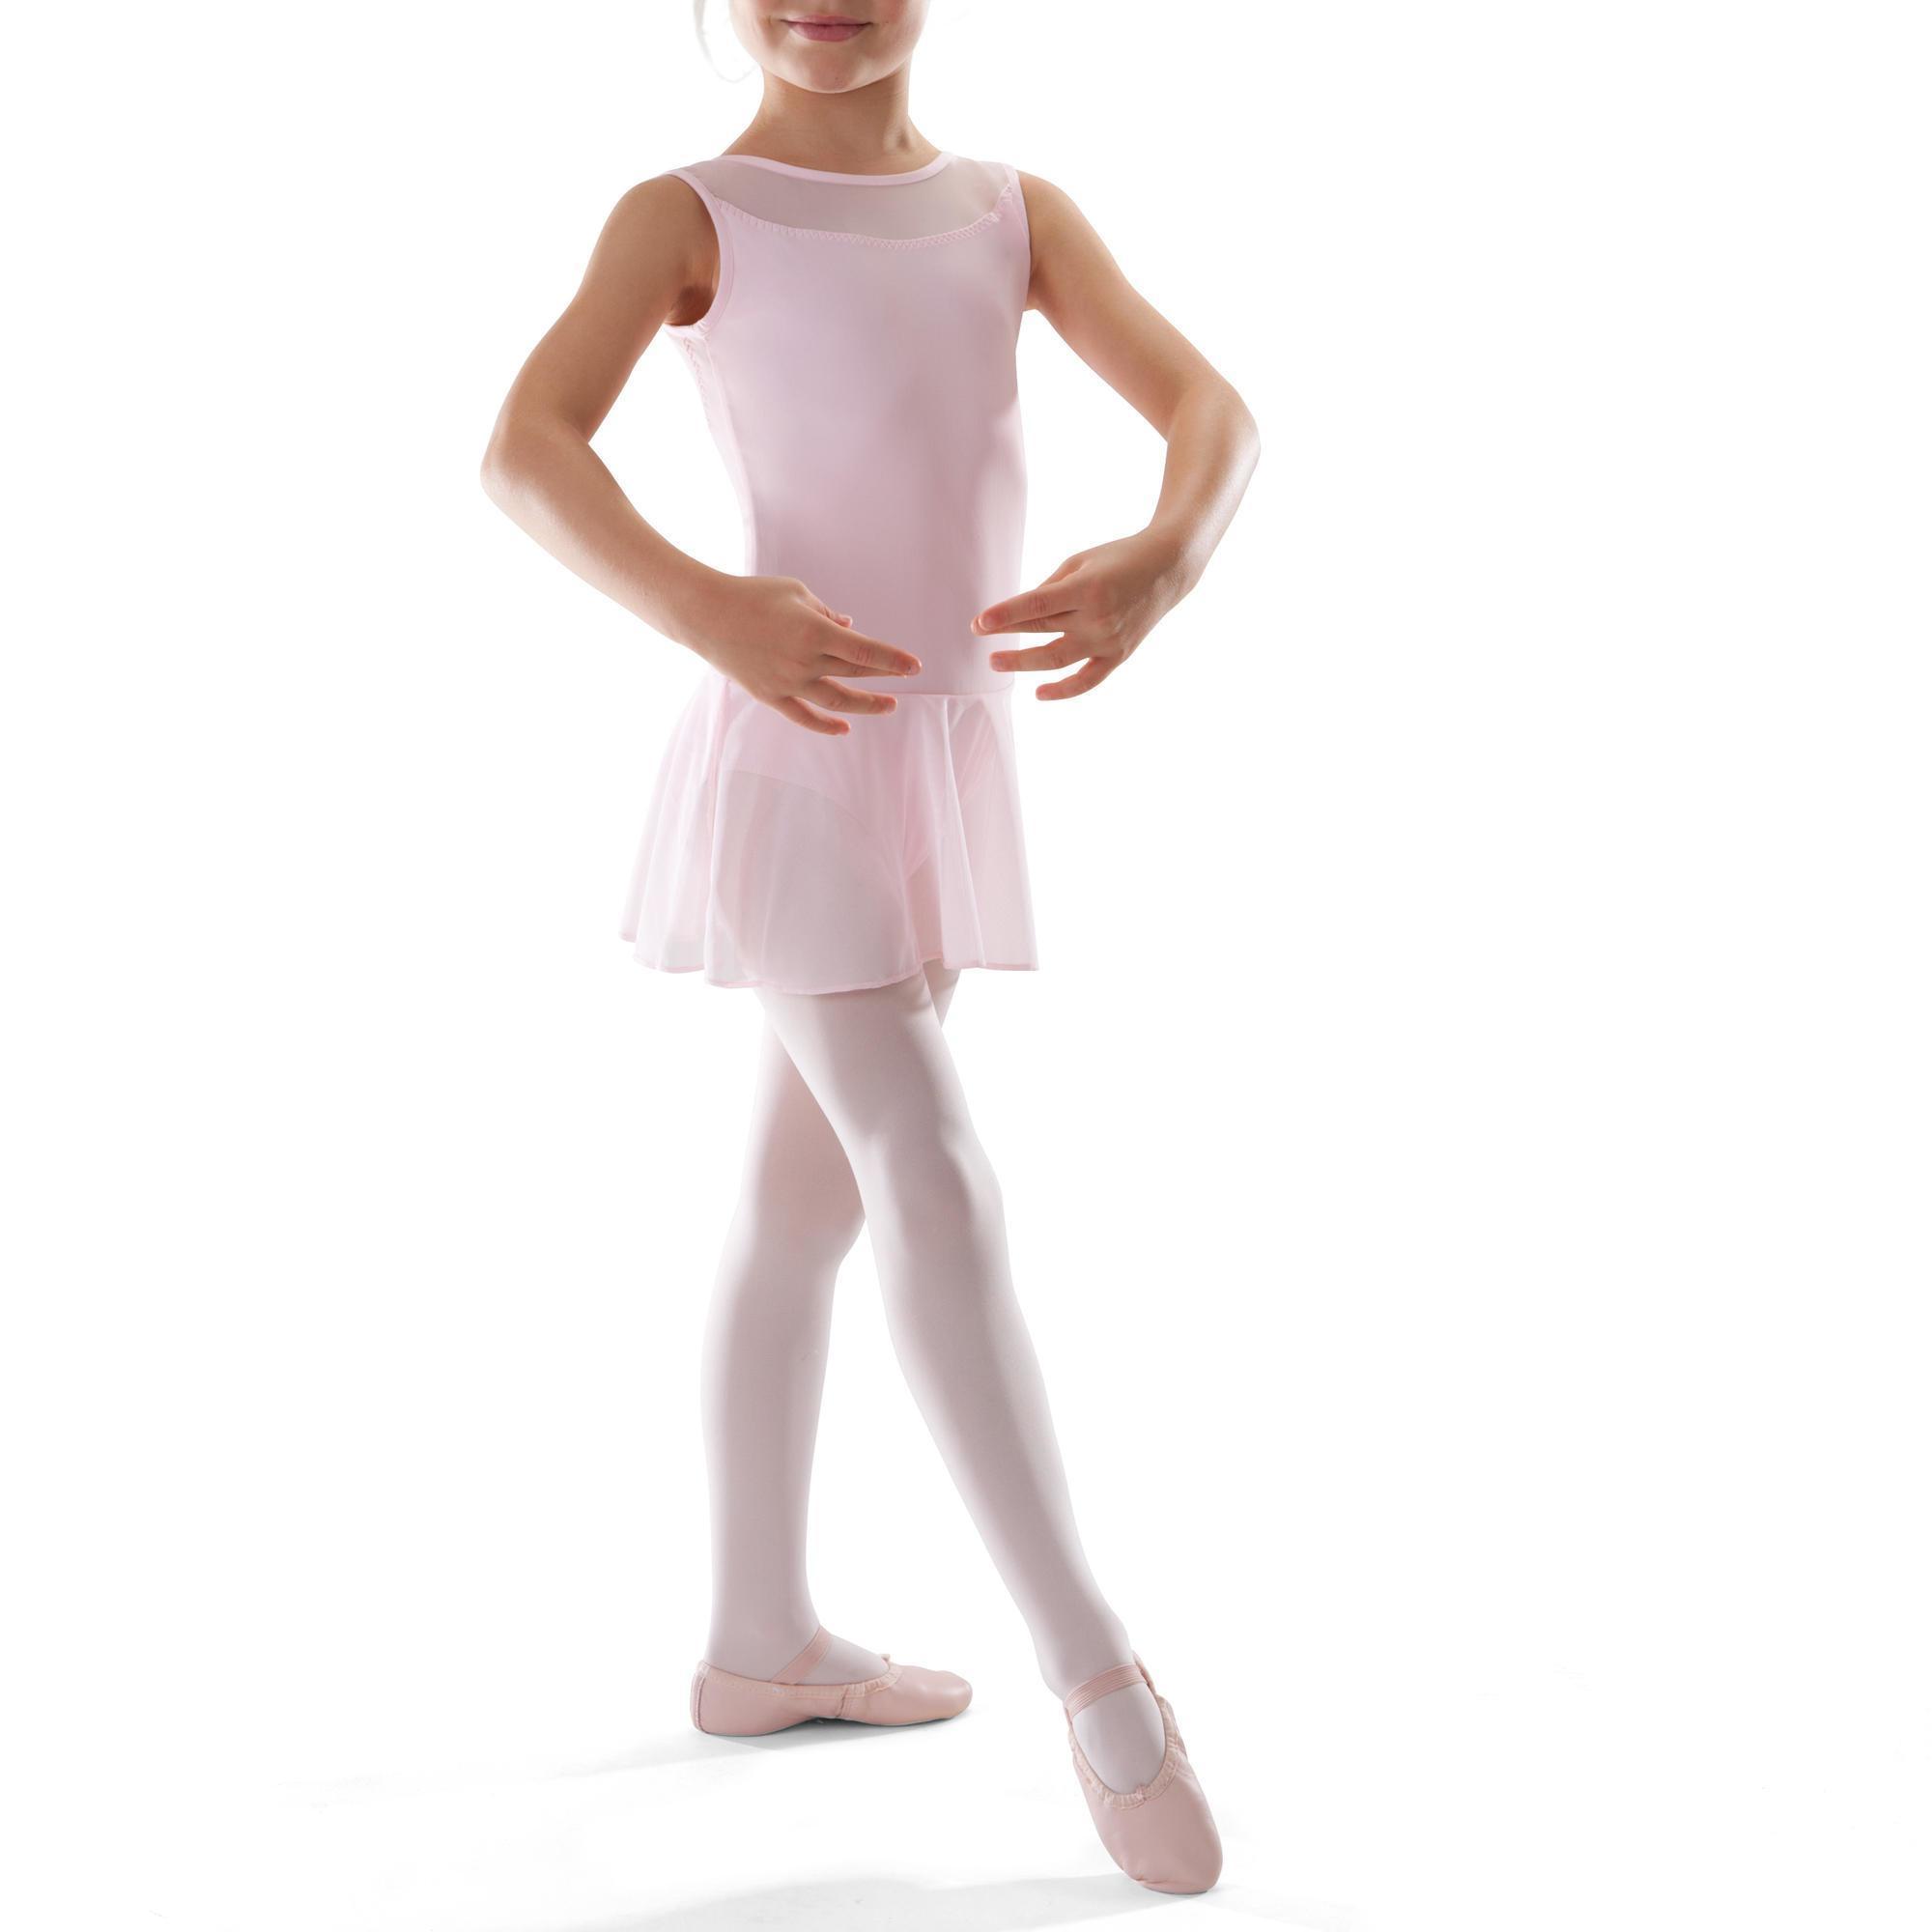 Mädchen,Kinder Tunika Ballett Mädchen rosa | 03608419192377